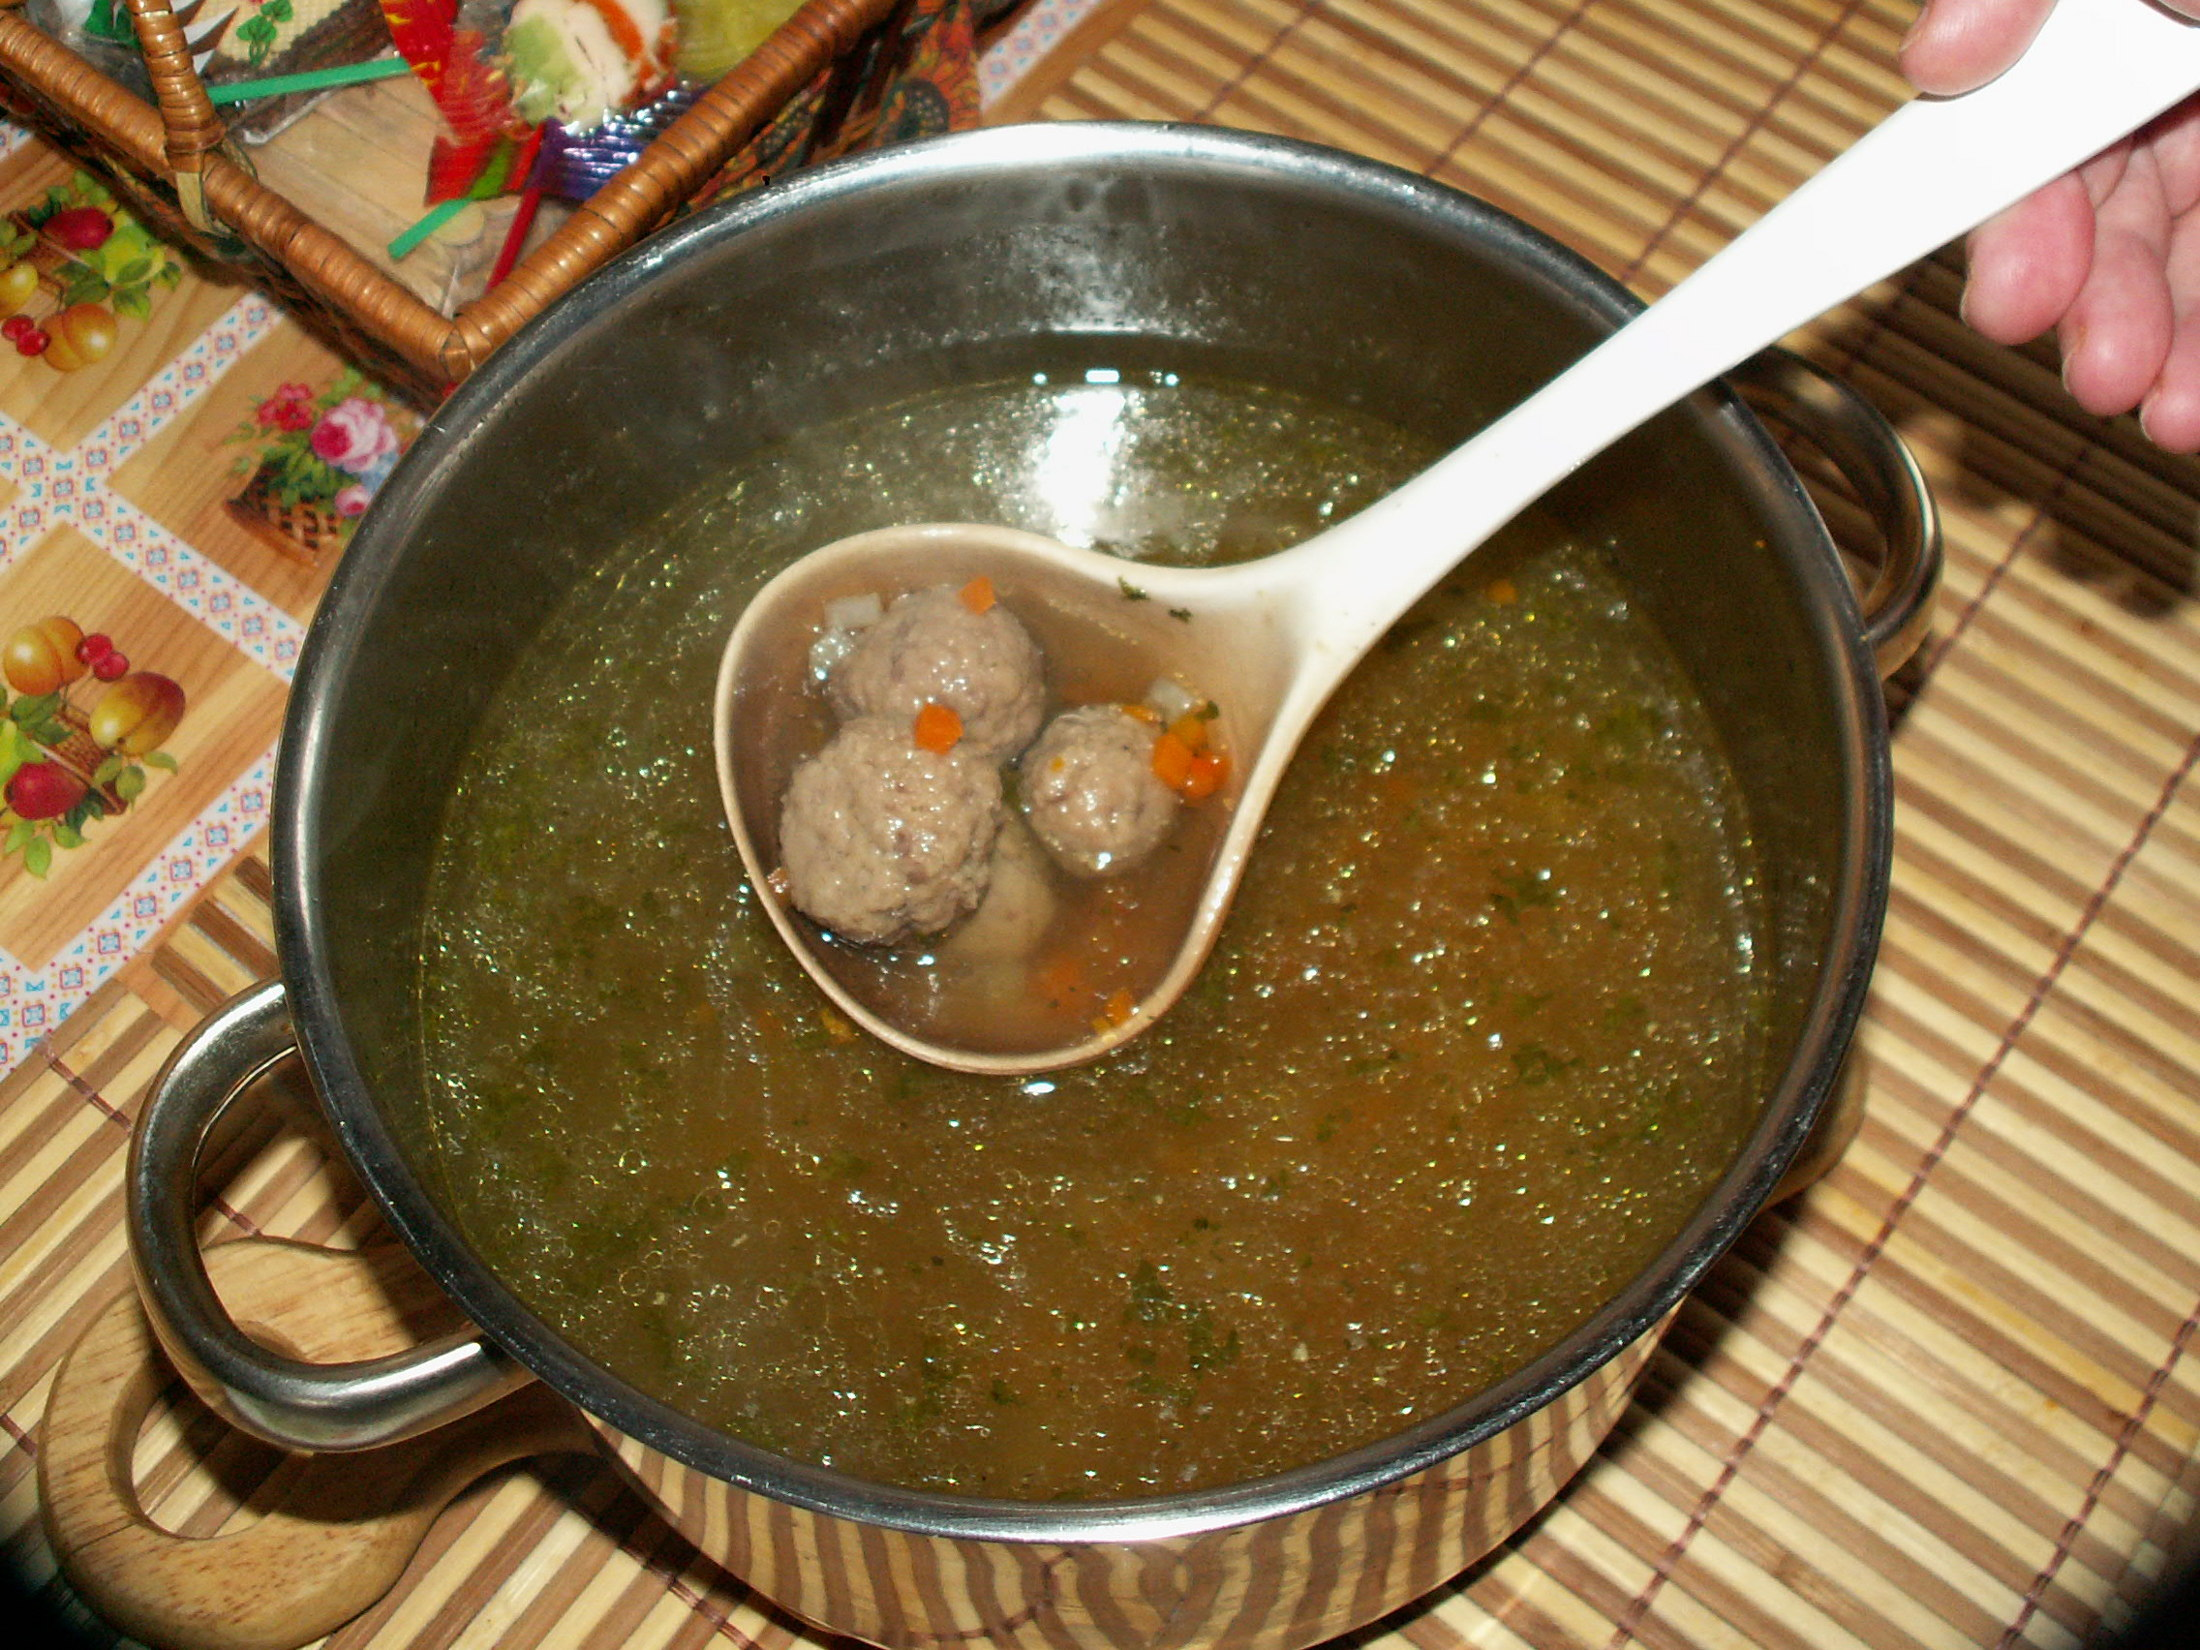 Recept Játrové knedlíčky - Polévka s játrovými knedlíčky je uvařená.